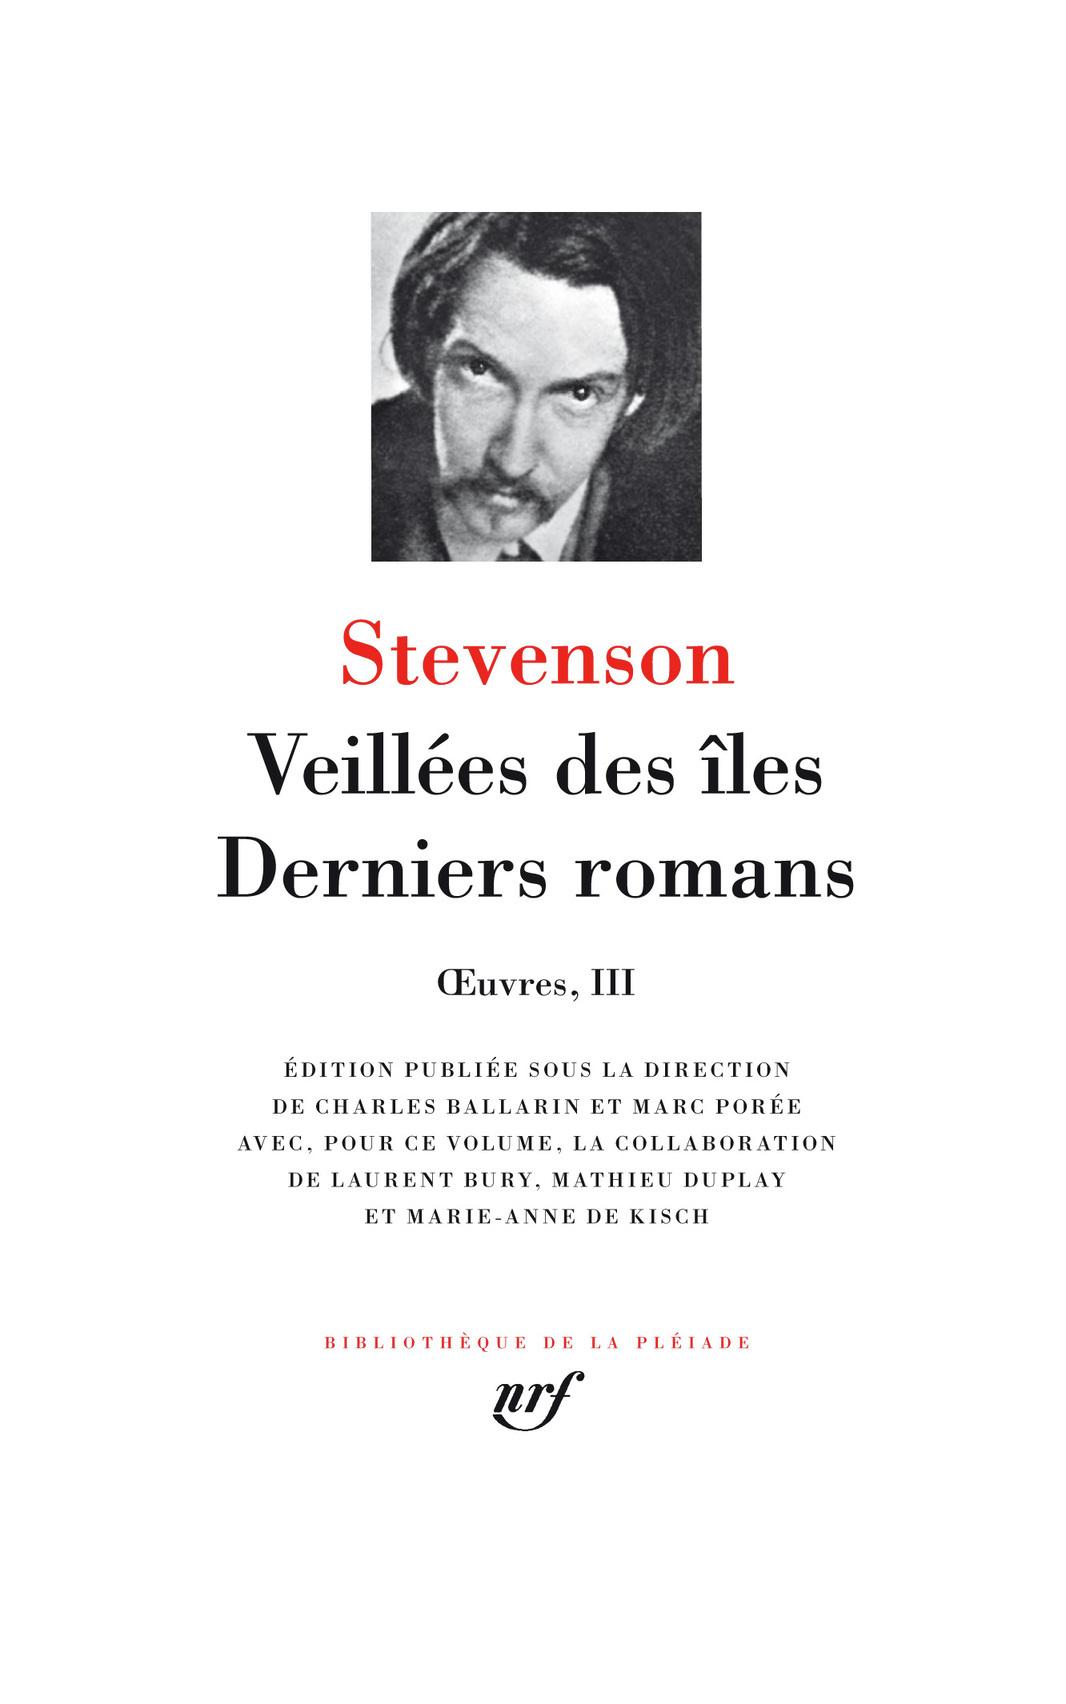 VEILLEES DES ILES, DERNIERS ROMANS